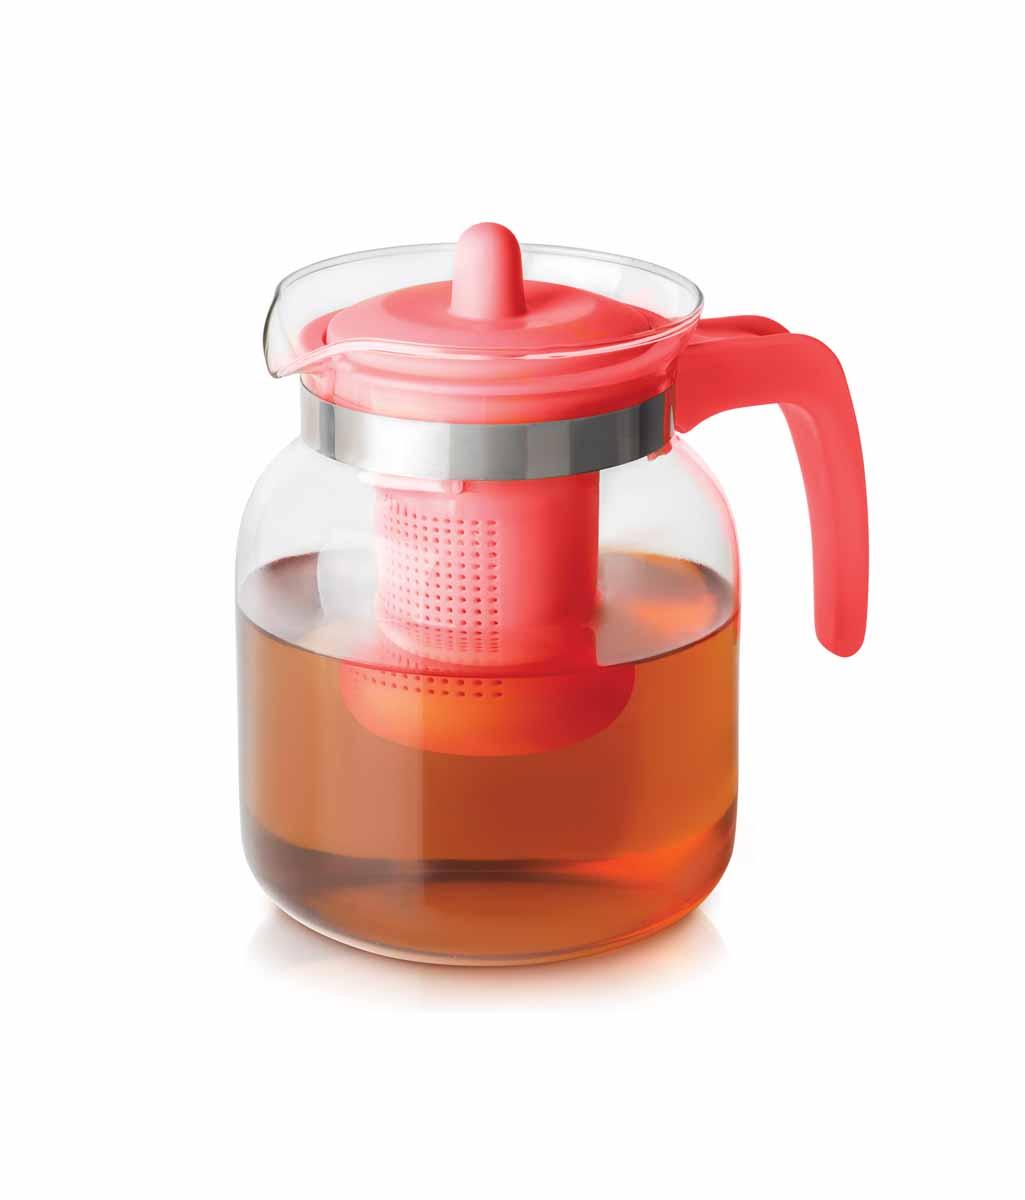 Чайник-кувшин Menu Чабрец, с фильтром, цвет: прозрачны, розовый, 1,45 лCHZ-14_розЧайник-кувшин Menu Чабрец изготовлен из прочного стекла, которое выдерживает температуру до 100°C. Он прекрасно подойдет для заваривания чая и травяных настоев. Классический стиль и оптимальный объем делают чайник удобным и оригинальным аксессуаром, который прекрасно подойдет для ежедневного использования. Ручка изделия выполнена из пищевого пластика, она не нагревается и обеспечивает безопасность использования. Благодаря съемному ситечку и оптимальной форме колбы, чайник- кувшин Menu Чабрец идеально подходит для использования его в качестве кувшина для воды и прохладительных напитков. Диаметр чайника по верхнему краю: 10,3 см. Общий диаметр чайника: 11 см. Высота чайника (без учета ручки и крышки): 15,6 см. Высота чайника (с учетом ручки и крышки): 17 см.